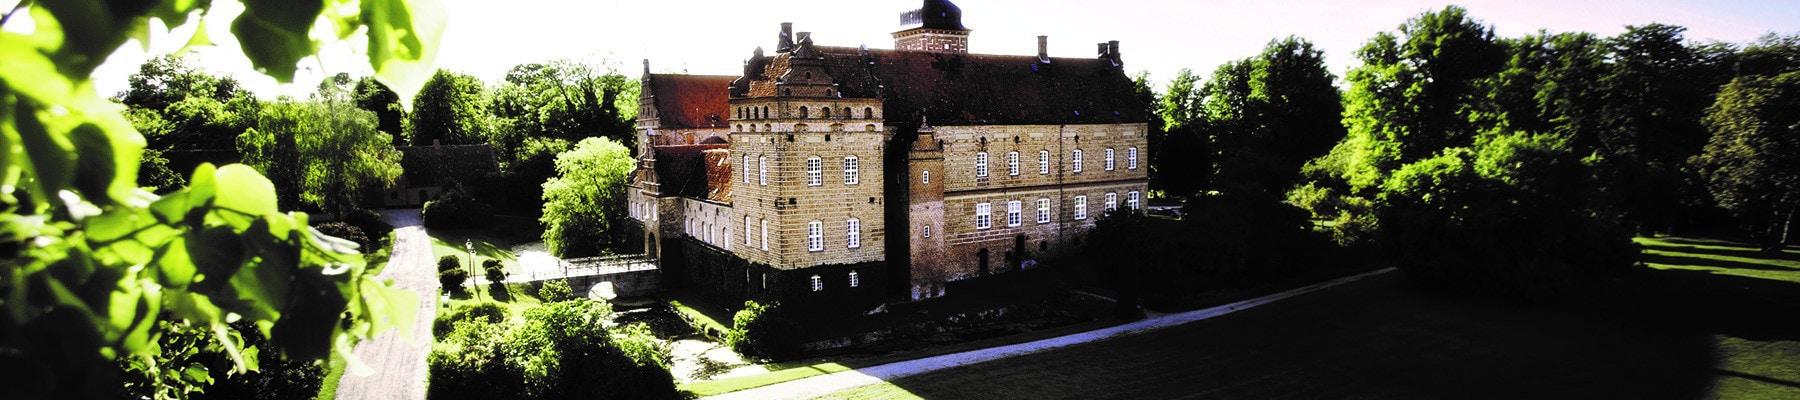 Konferencelokaler på Fyn. Hold konference på Holckenhavn Slot